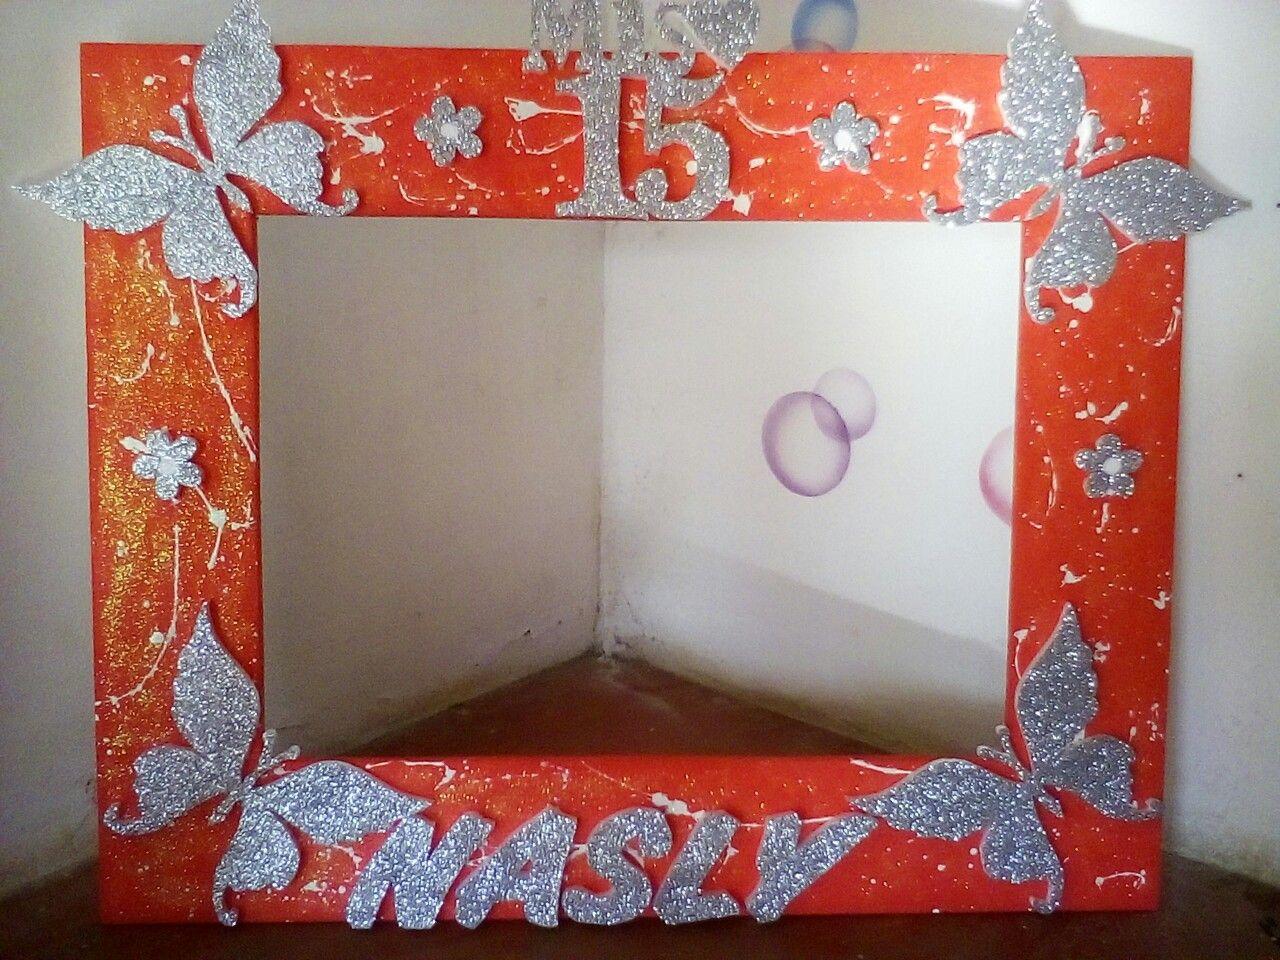 Marcos Para Fotos De 15 Anos: Pin De Detalles Sonia En Fondo Para Fotos